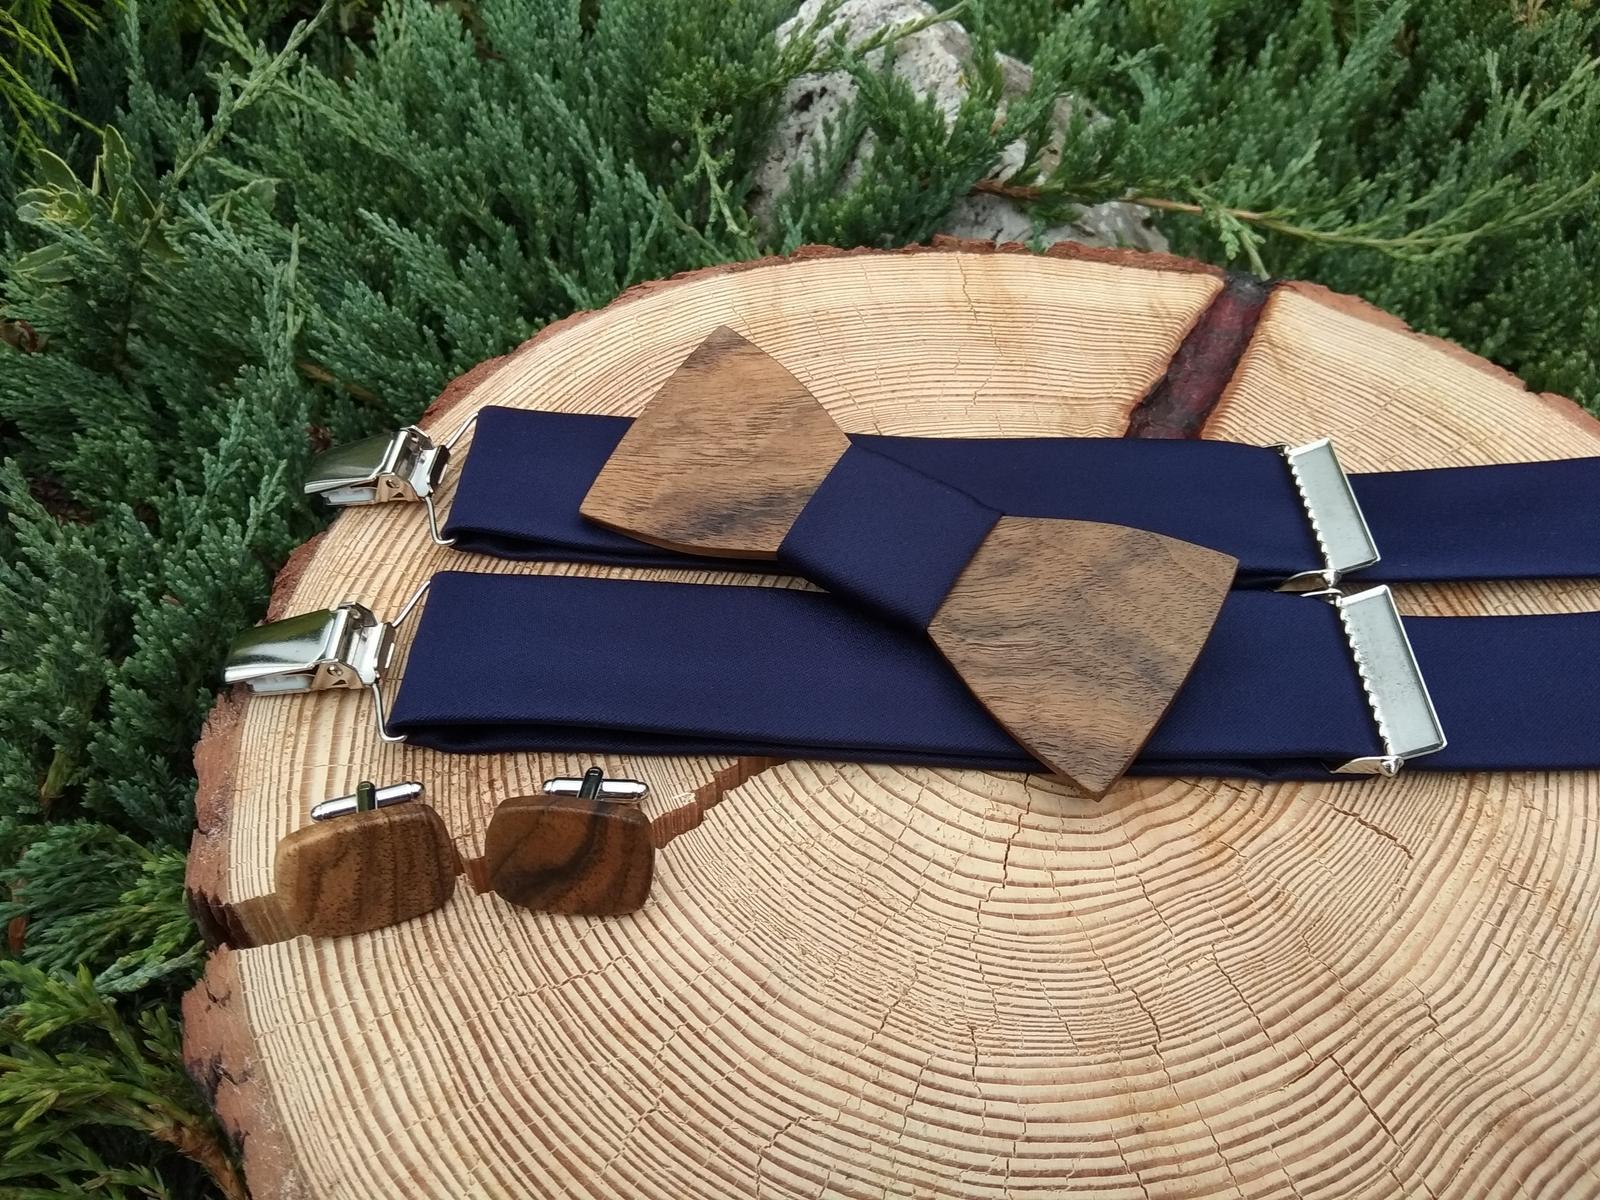 Pánsky set - drevený motýlik, manžetové gombíky a  - Obrázok č. 1